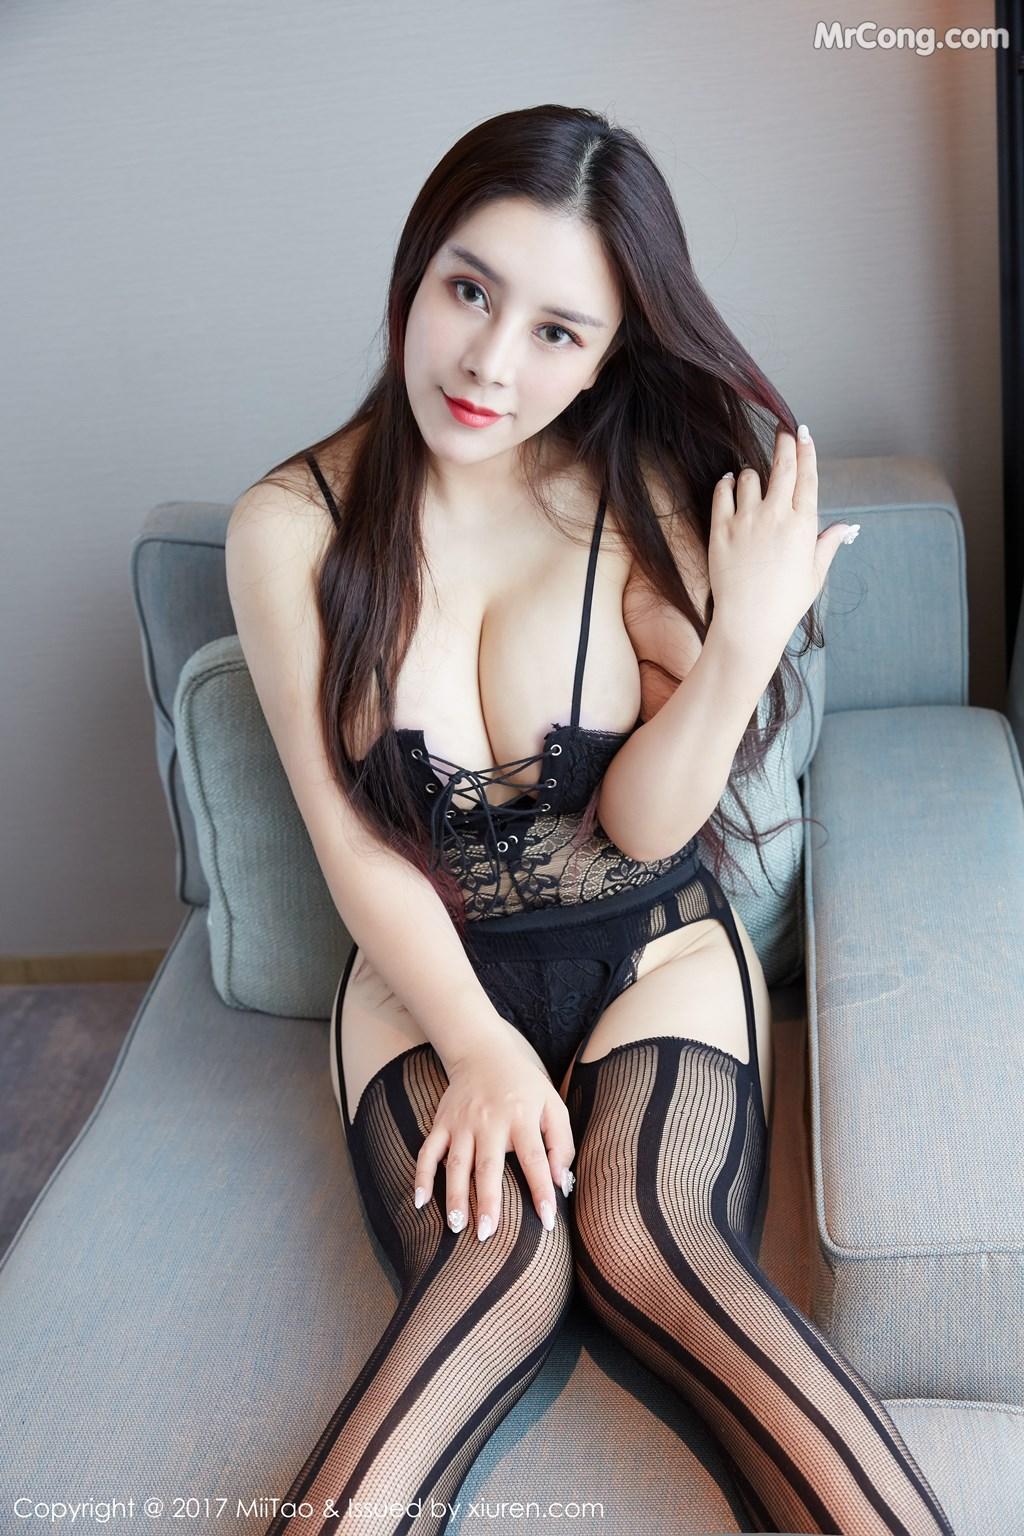 Image MiiTao-Vol.082-Xue-Qian-Xun-MrCong.com-033 in post MiiTao Vol.082: Người mẫu Xue Qian Xun (雪千寻) (51 ảnh)